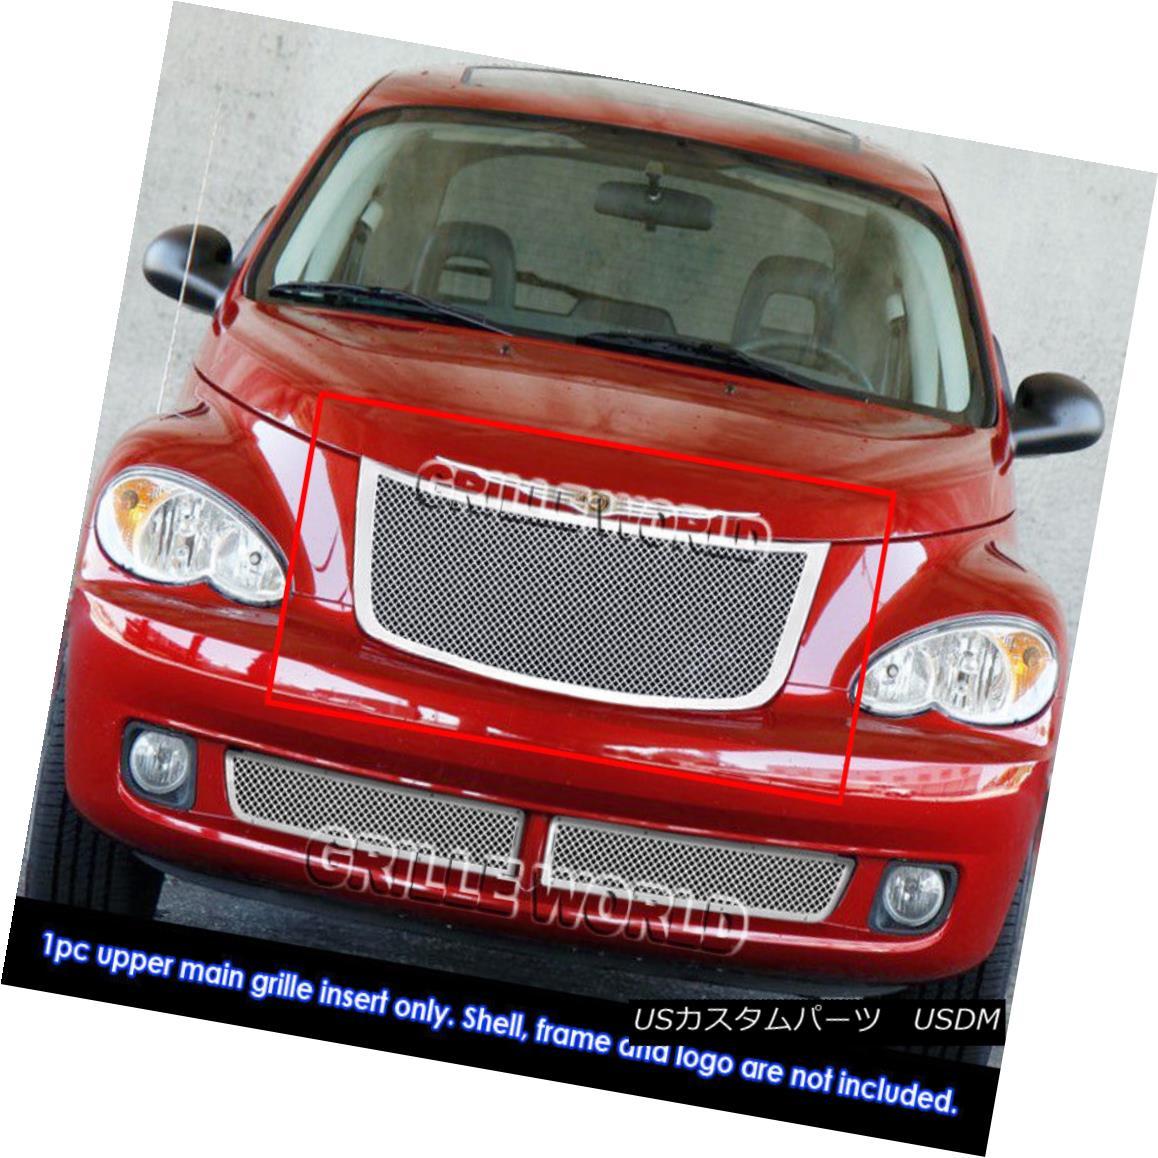 グリル For 2006-2010 Chrysler PT Cruiser Stainless Steel Mesh Grille Grill Insert 2006-2010クライスラーPTクルーザーステンレスメッシュグリルグリルインサート用